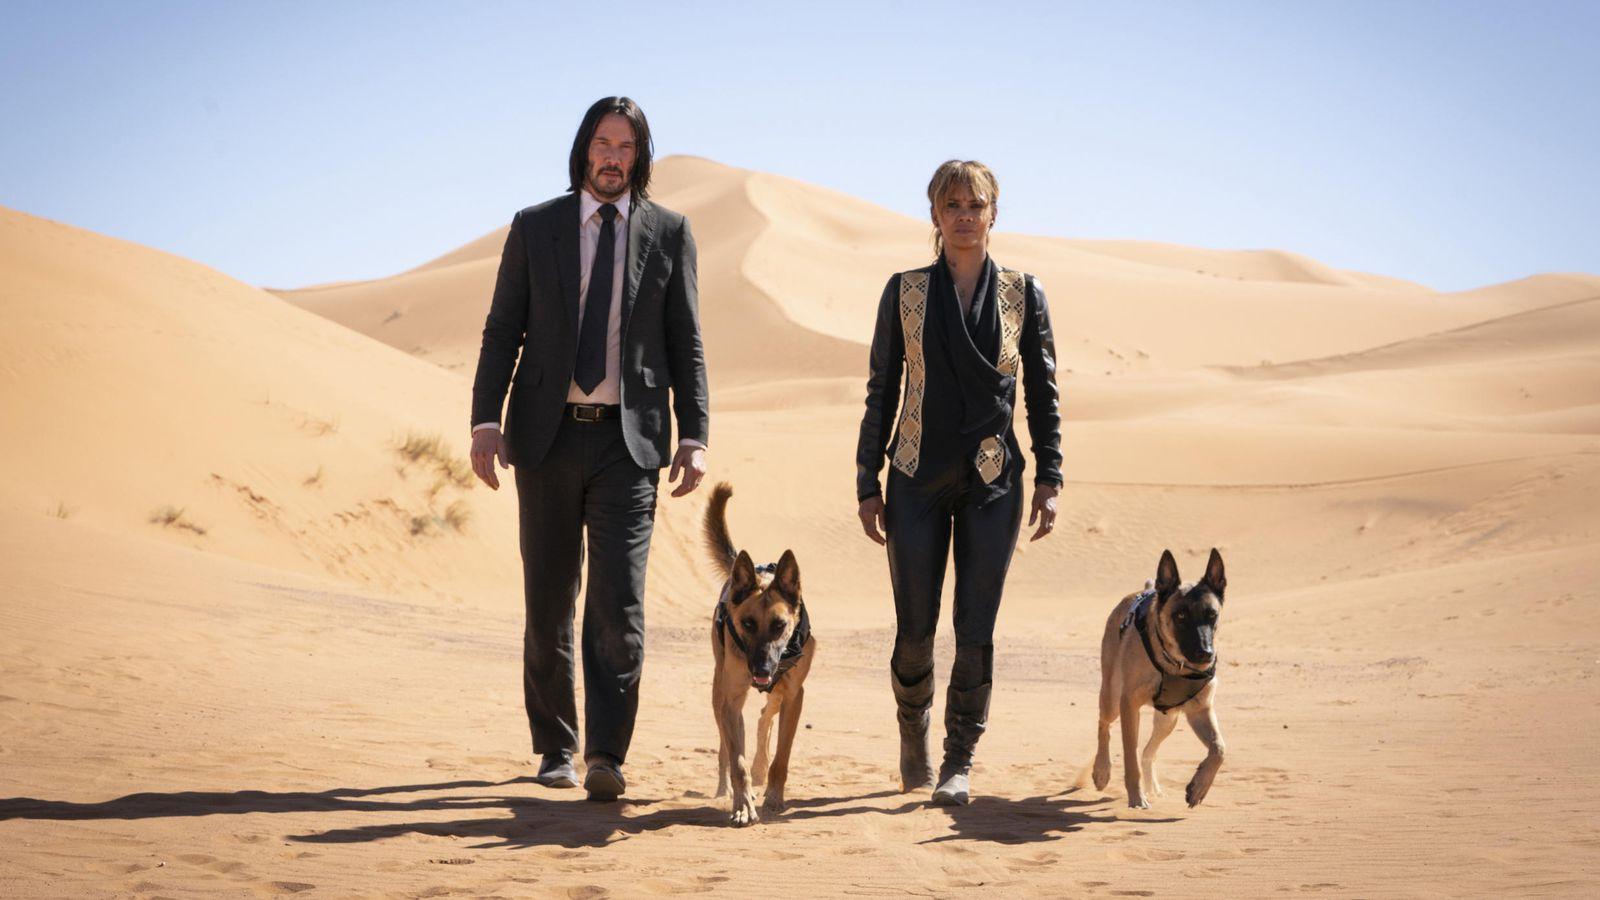 John Wick: Chapter 3 coronada como la más taquillera de la saga de acción de Lionsgate